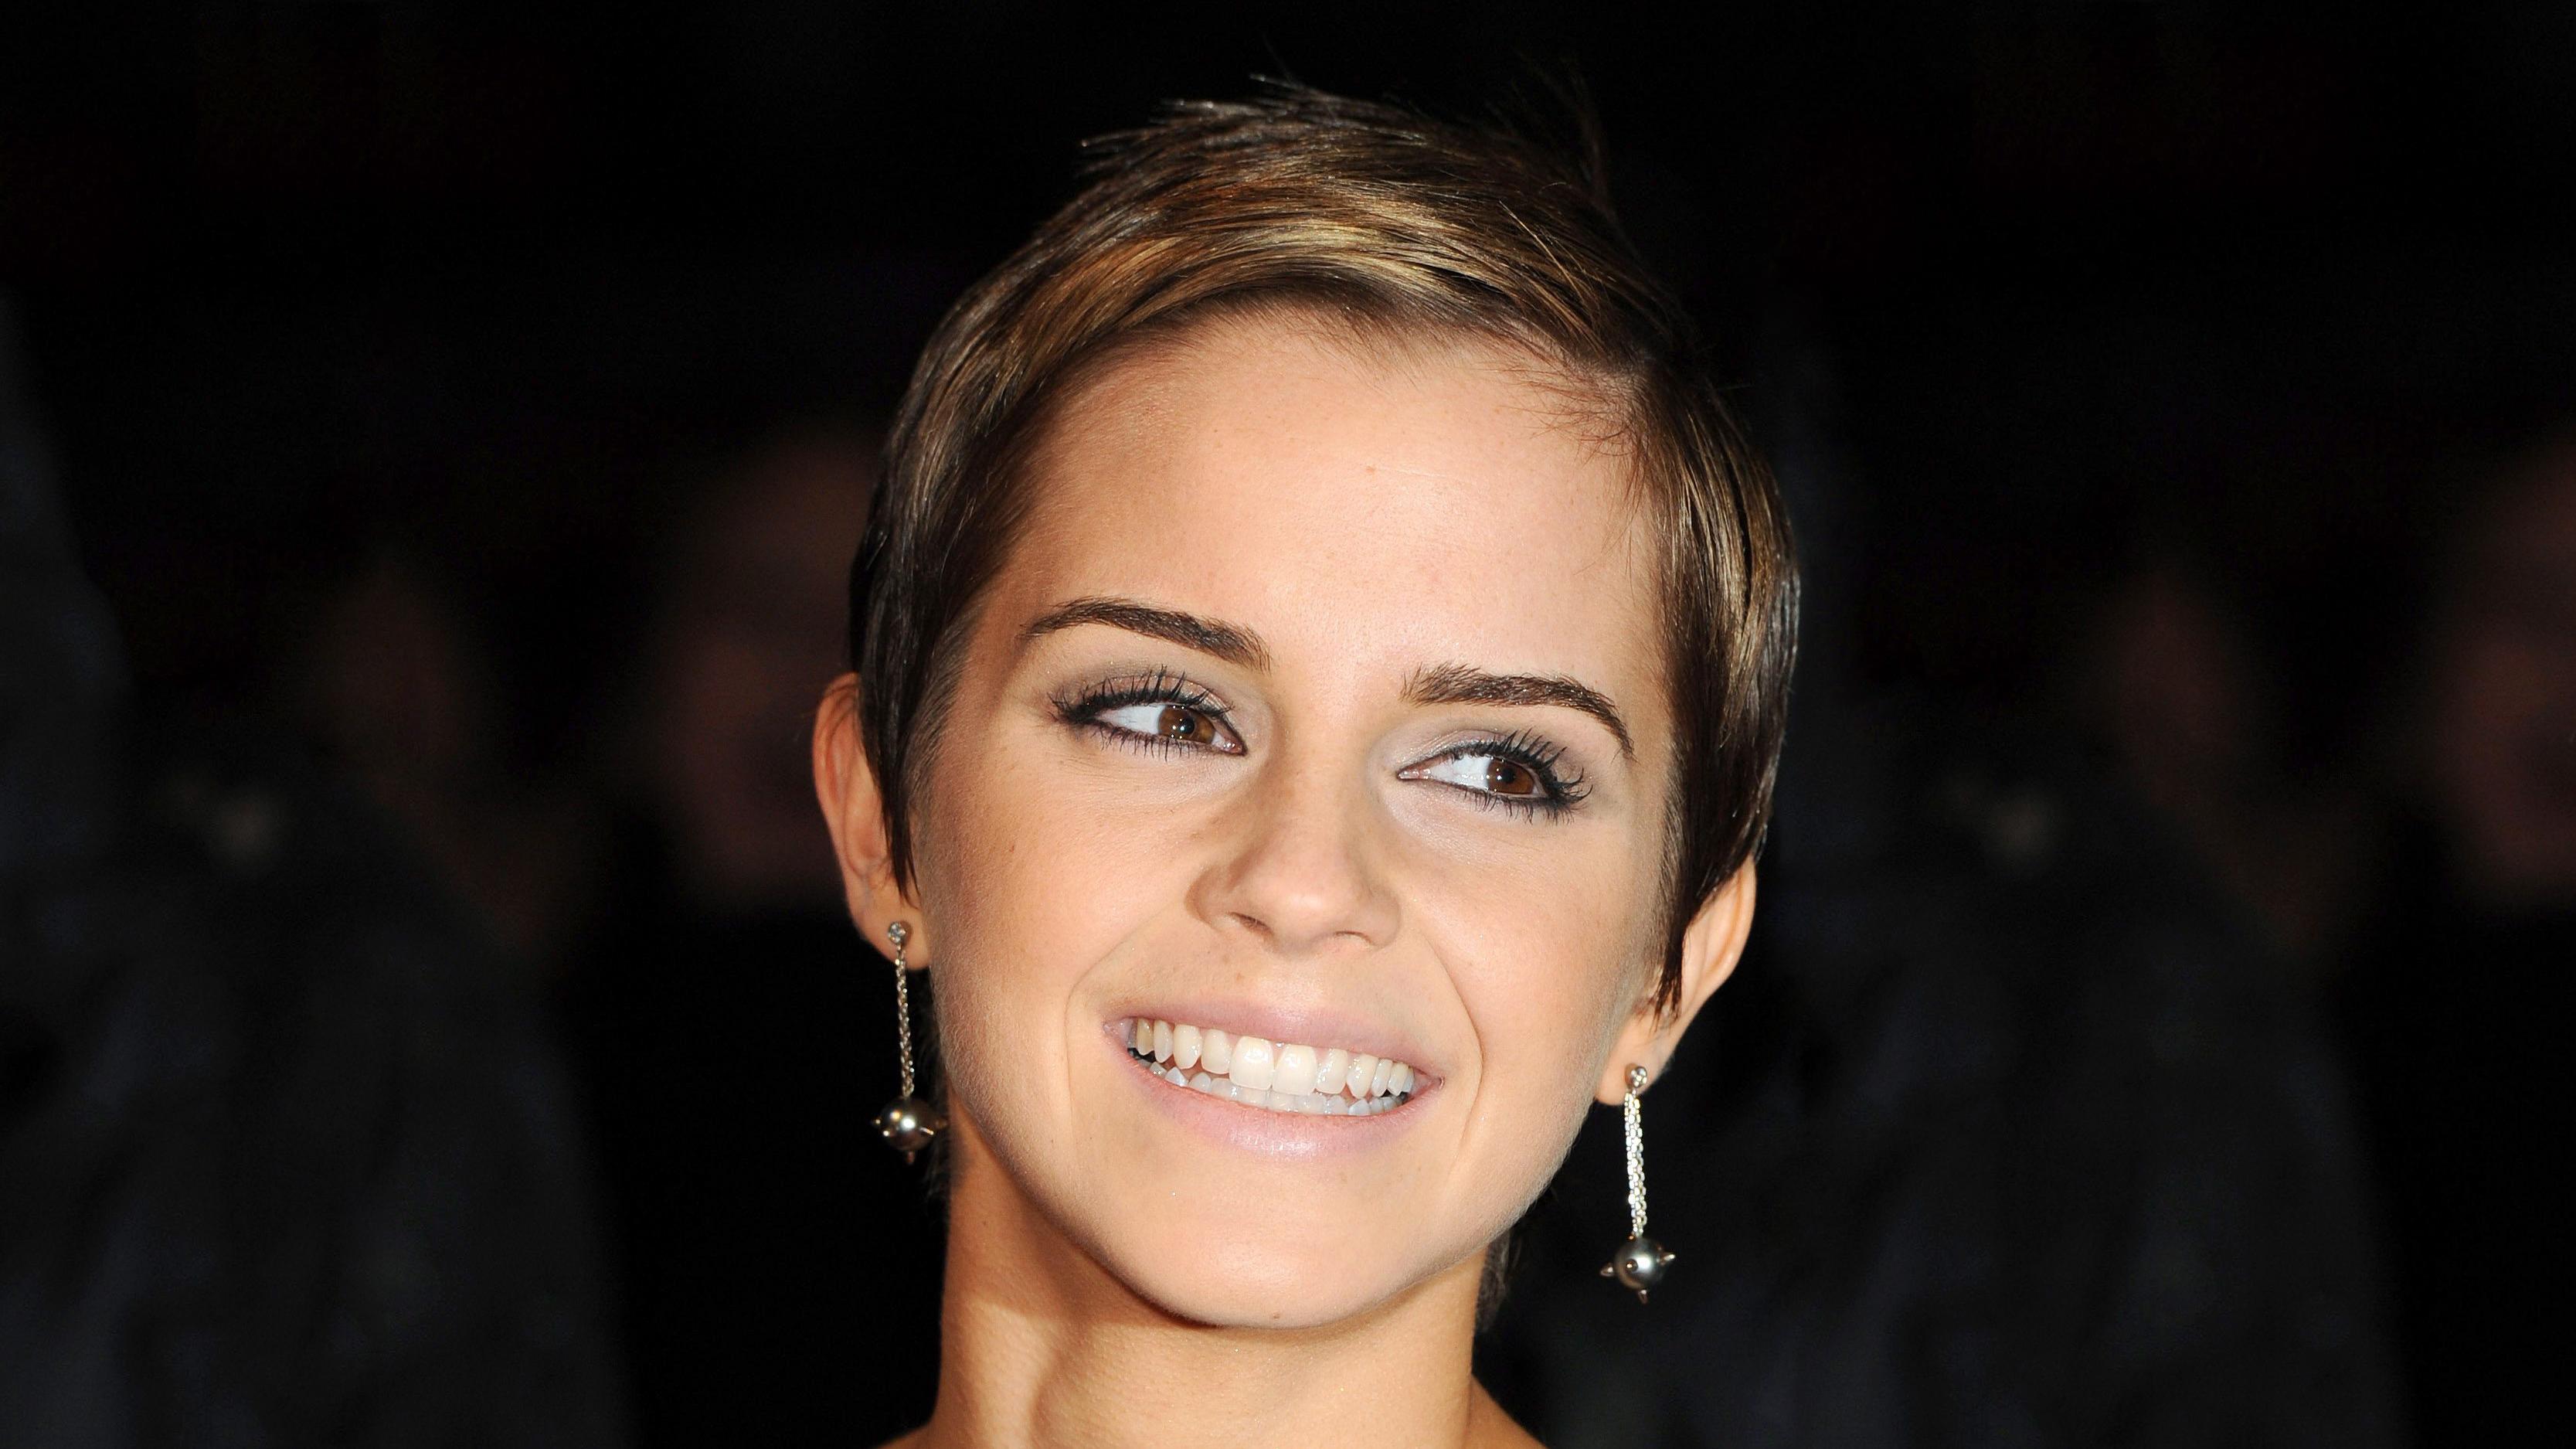 Emma Watson con una bella sonrisa - 3334x1875